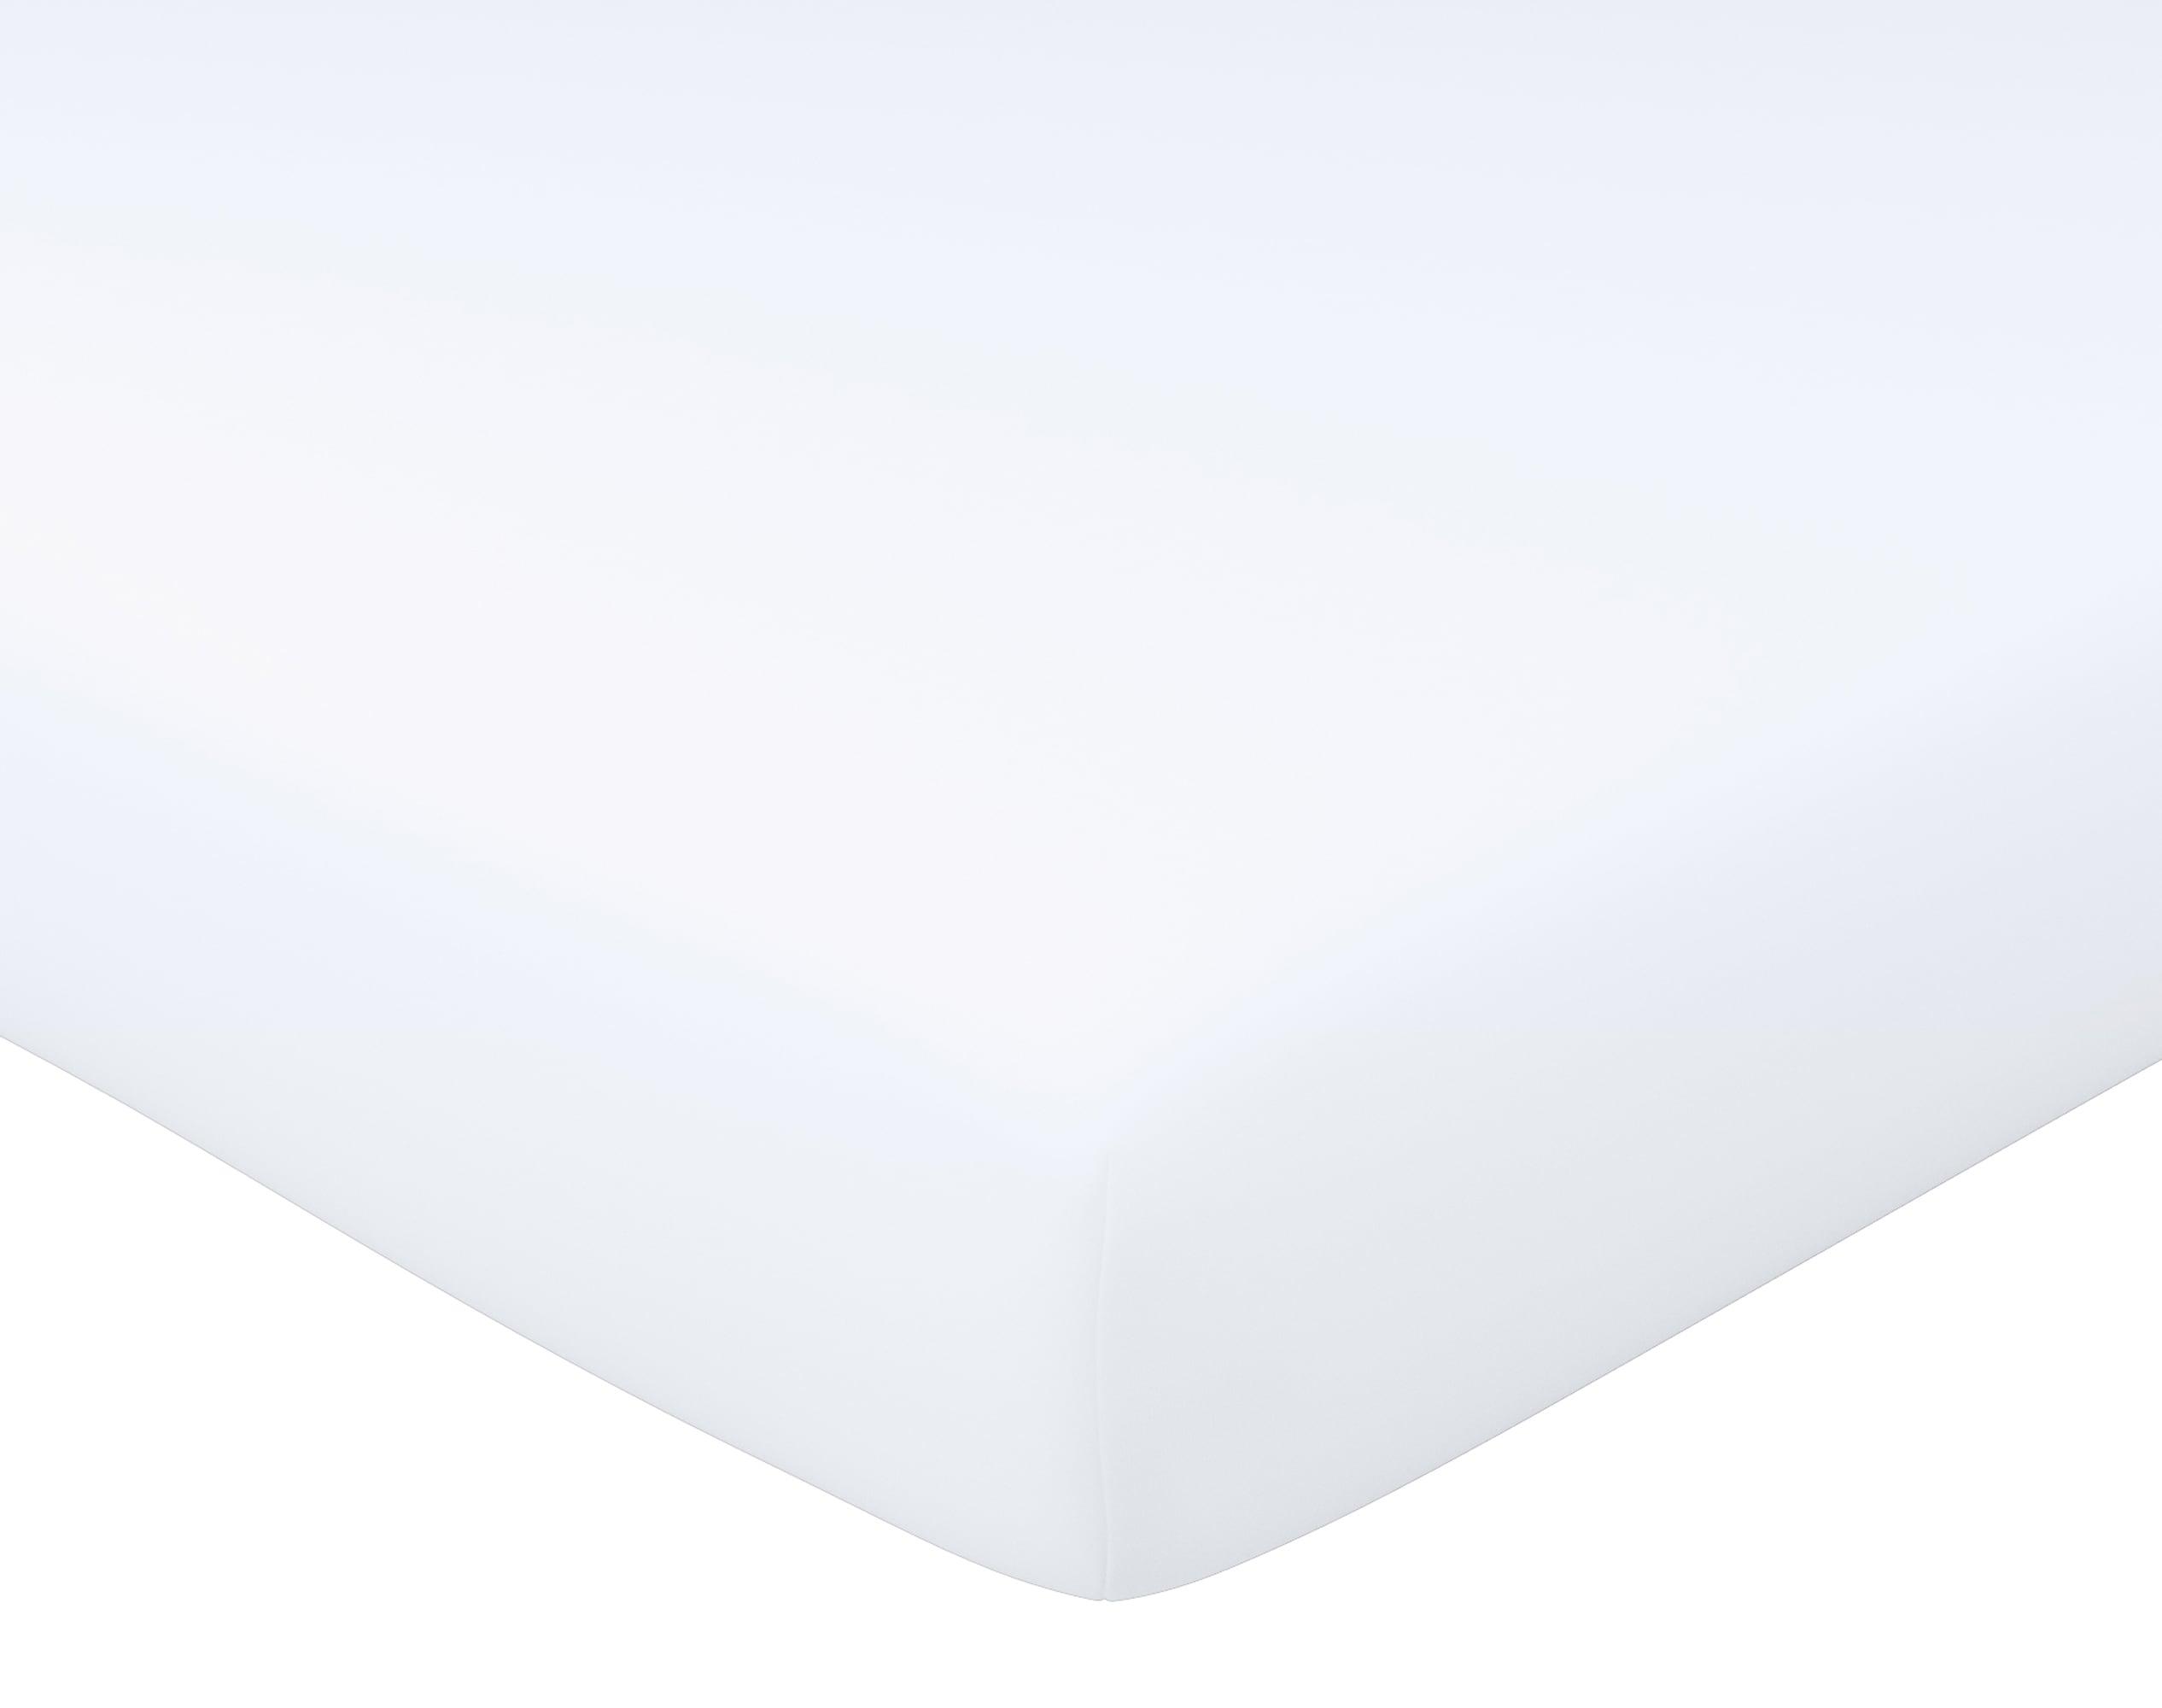 Drap-housse 90x190 en percale de coton blanc